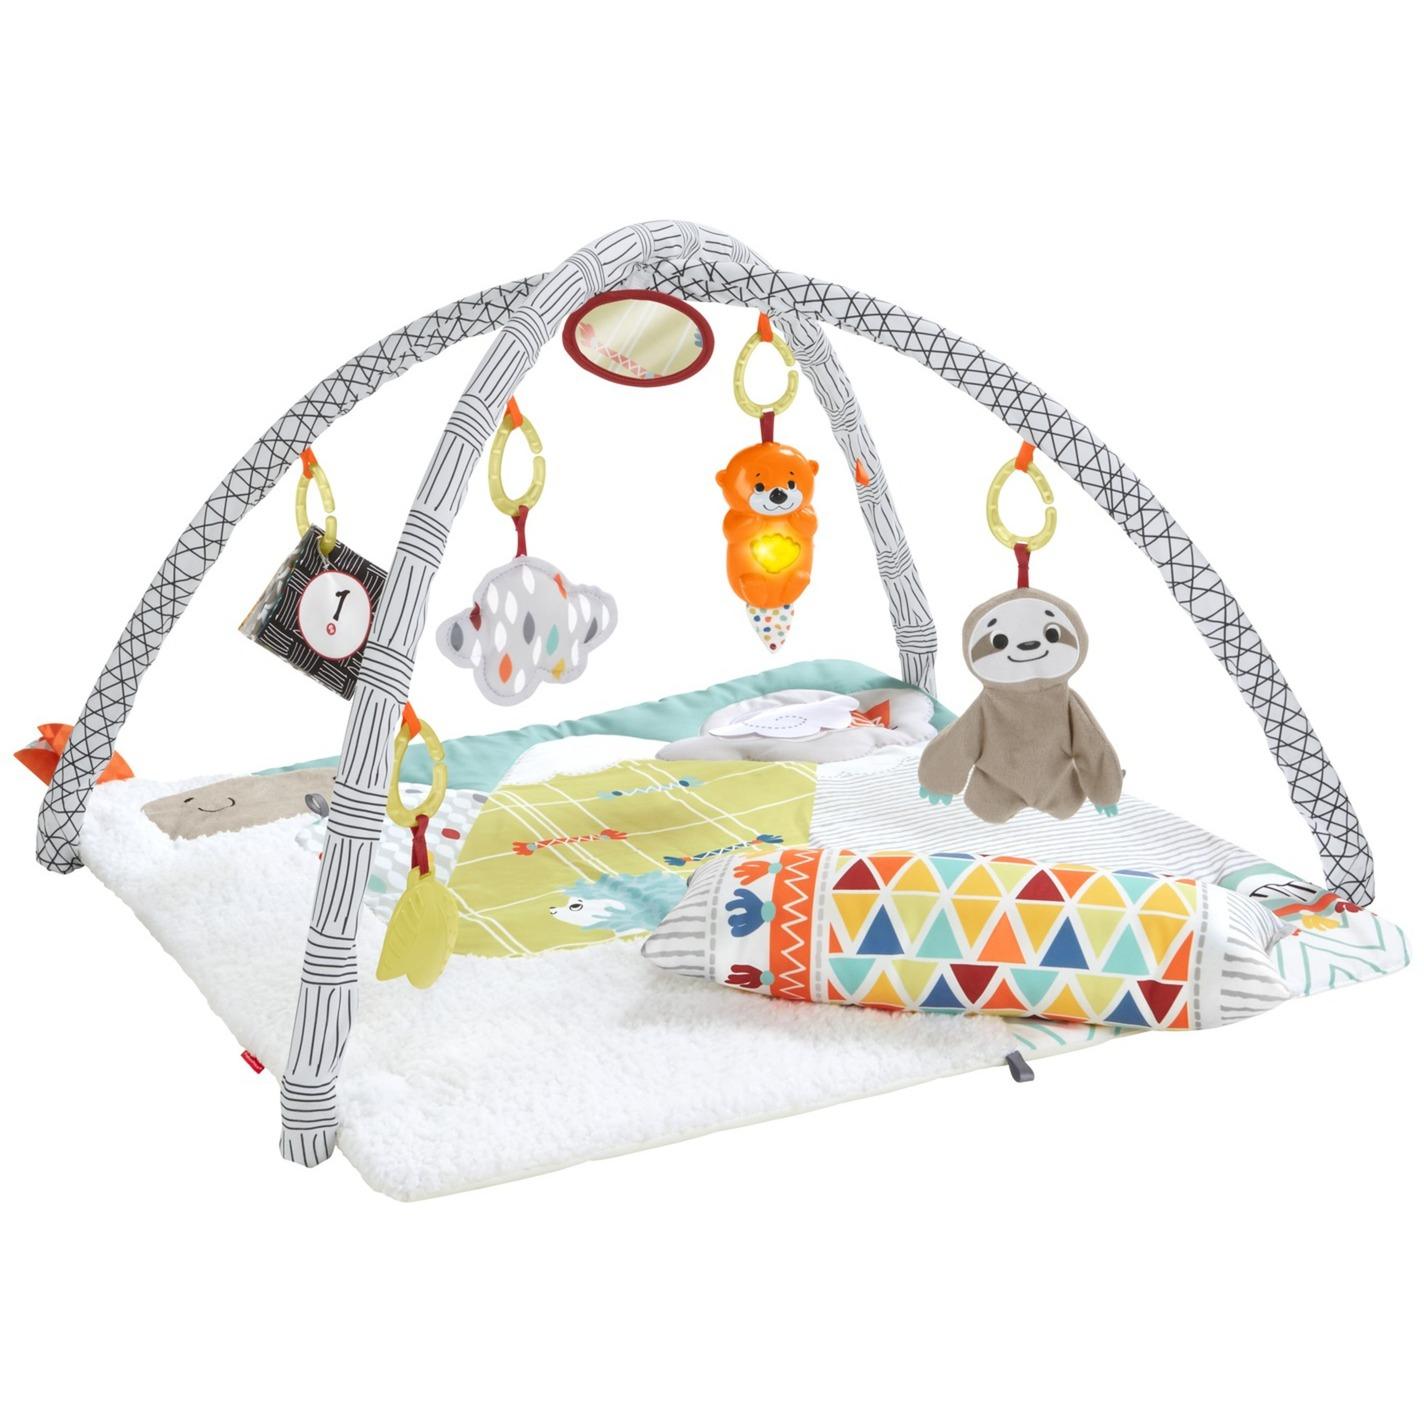 Afholte Fisher-Price GKD45 legetøj til læring, legetæppe Flerfarvet, Barn KO-74